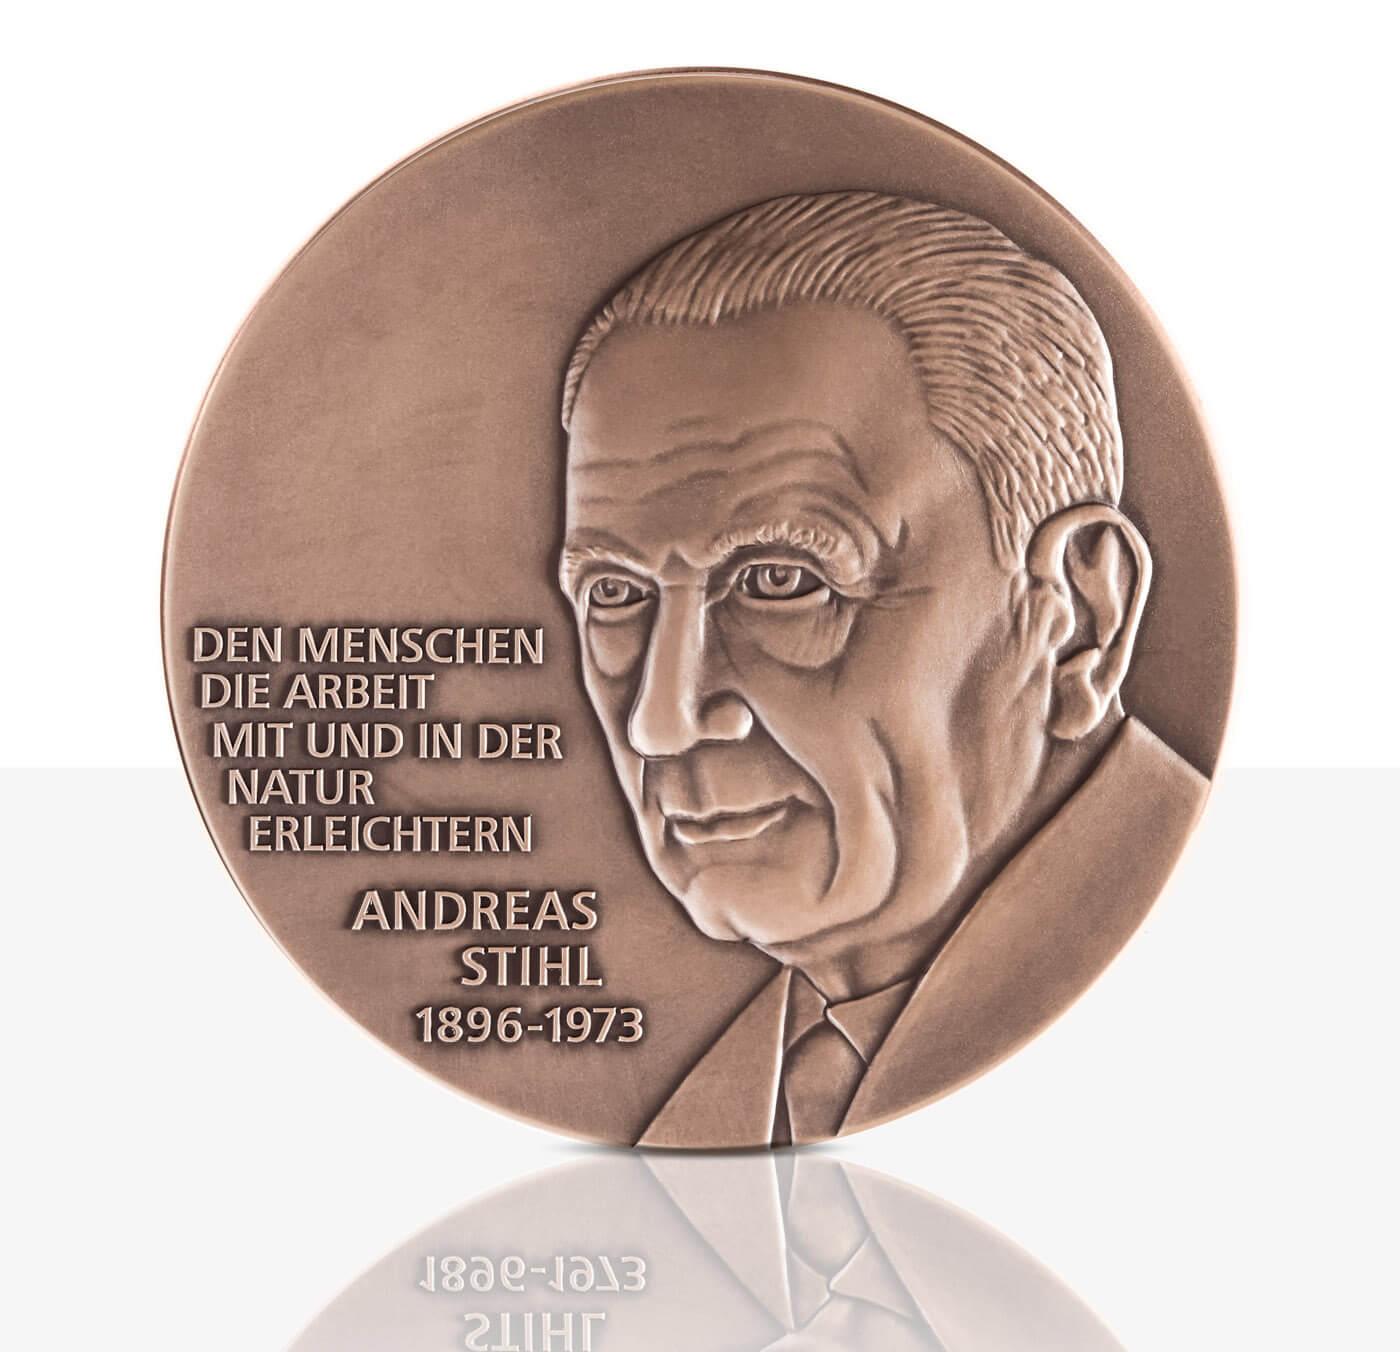 Andreas Stihl Hochrelief Medaille Bronze Staatliche Münzen Baden